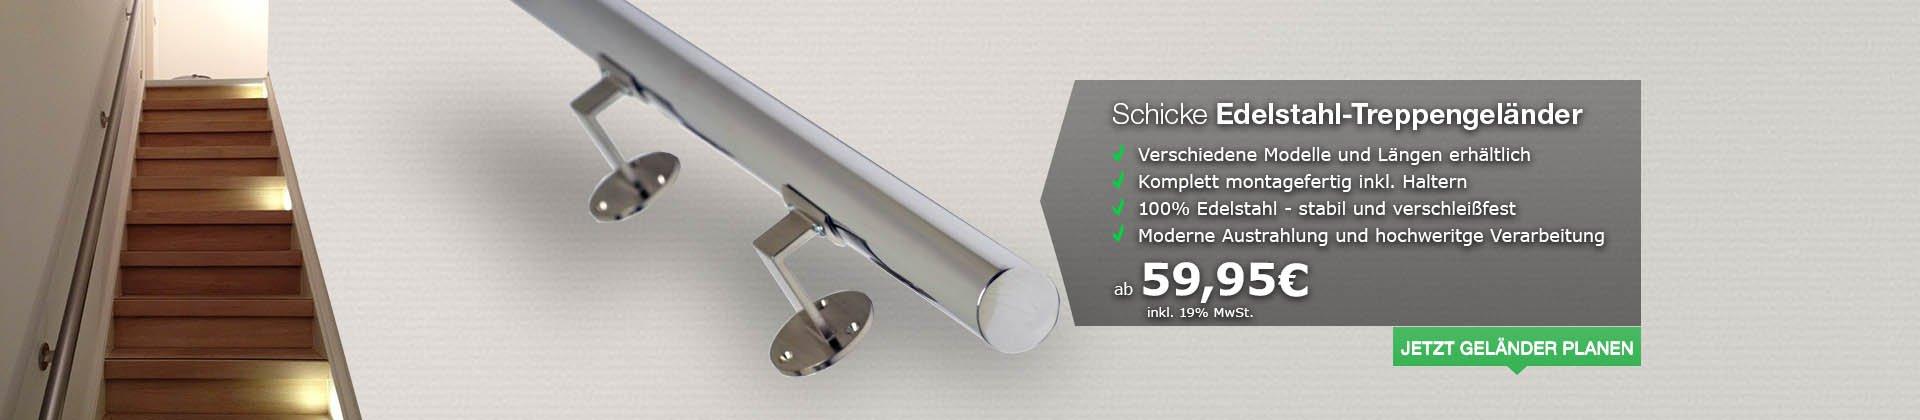 Edelstahl-Treppengeländer: Montagefertig und in verschiedenen Ausführungen und Längen erhältlich.